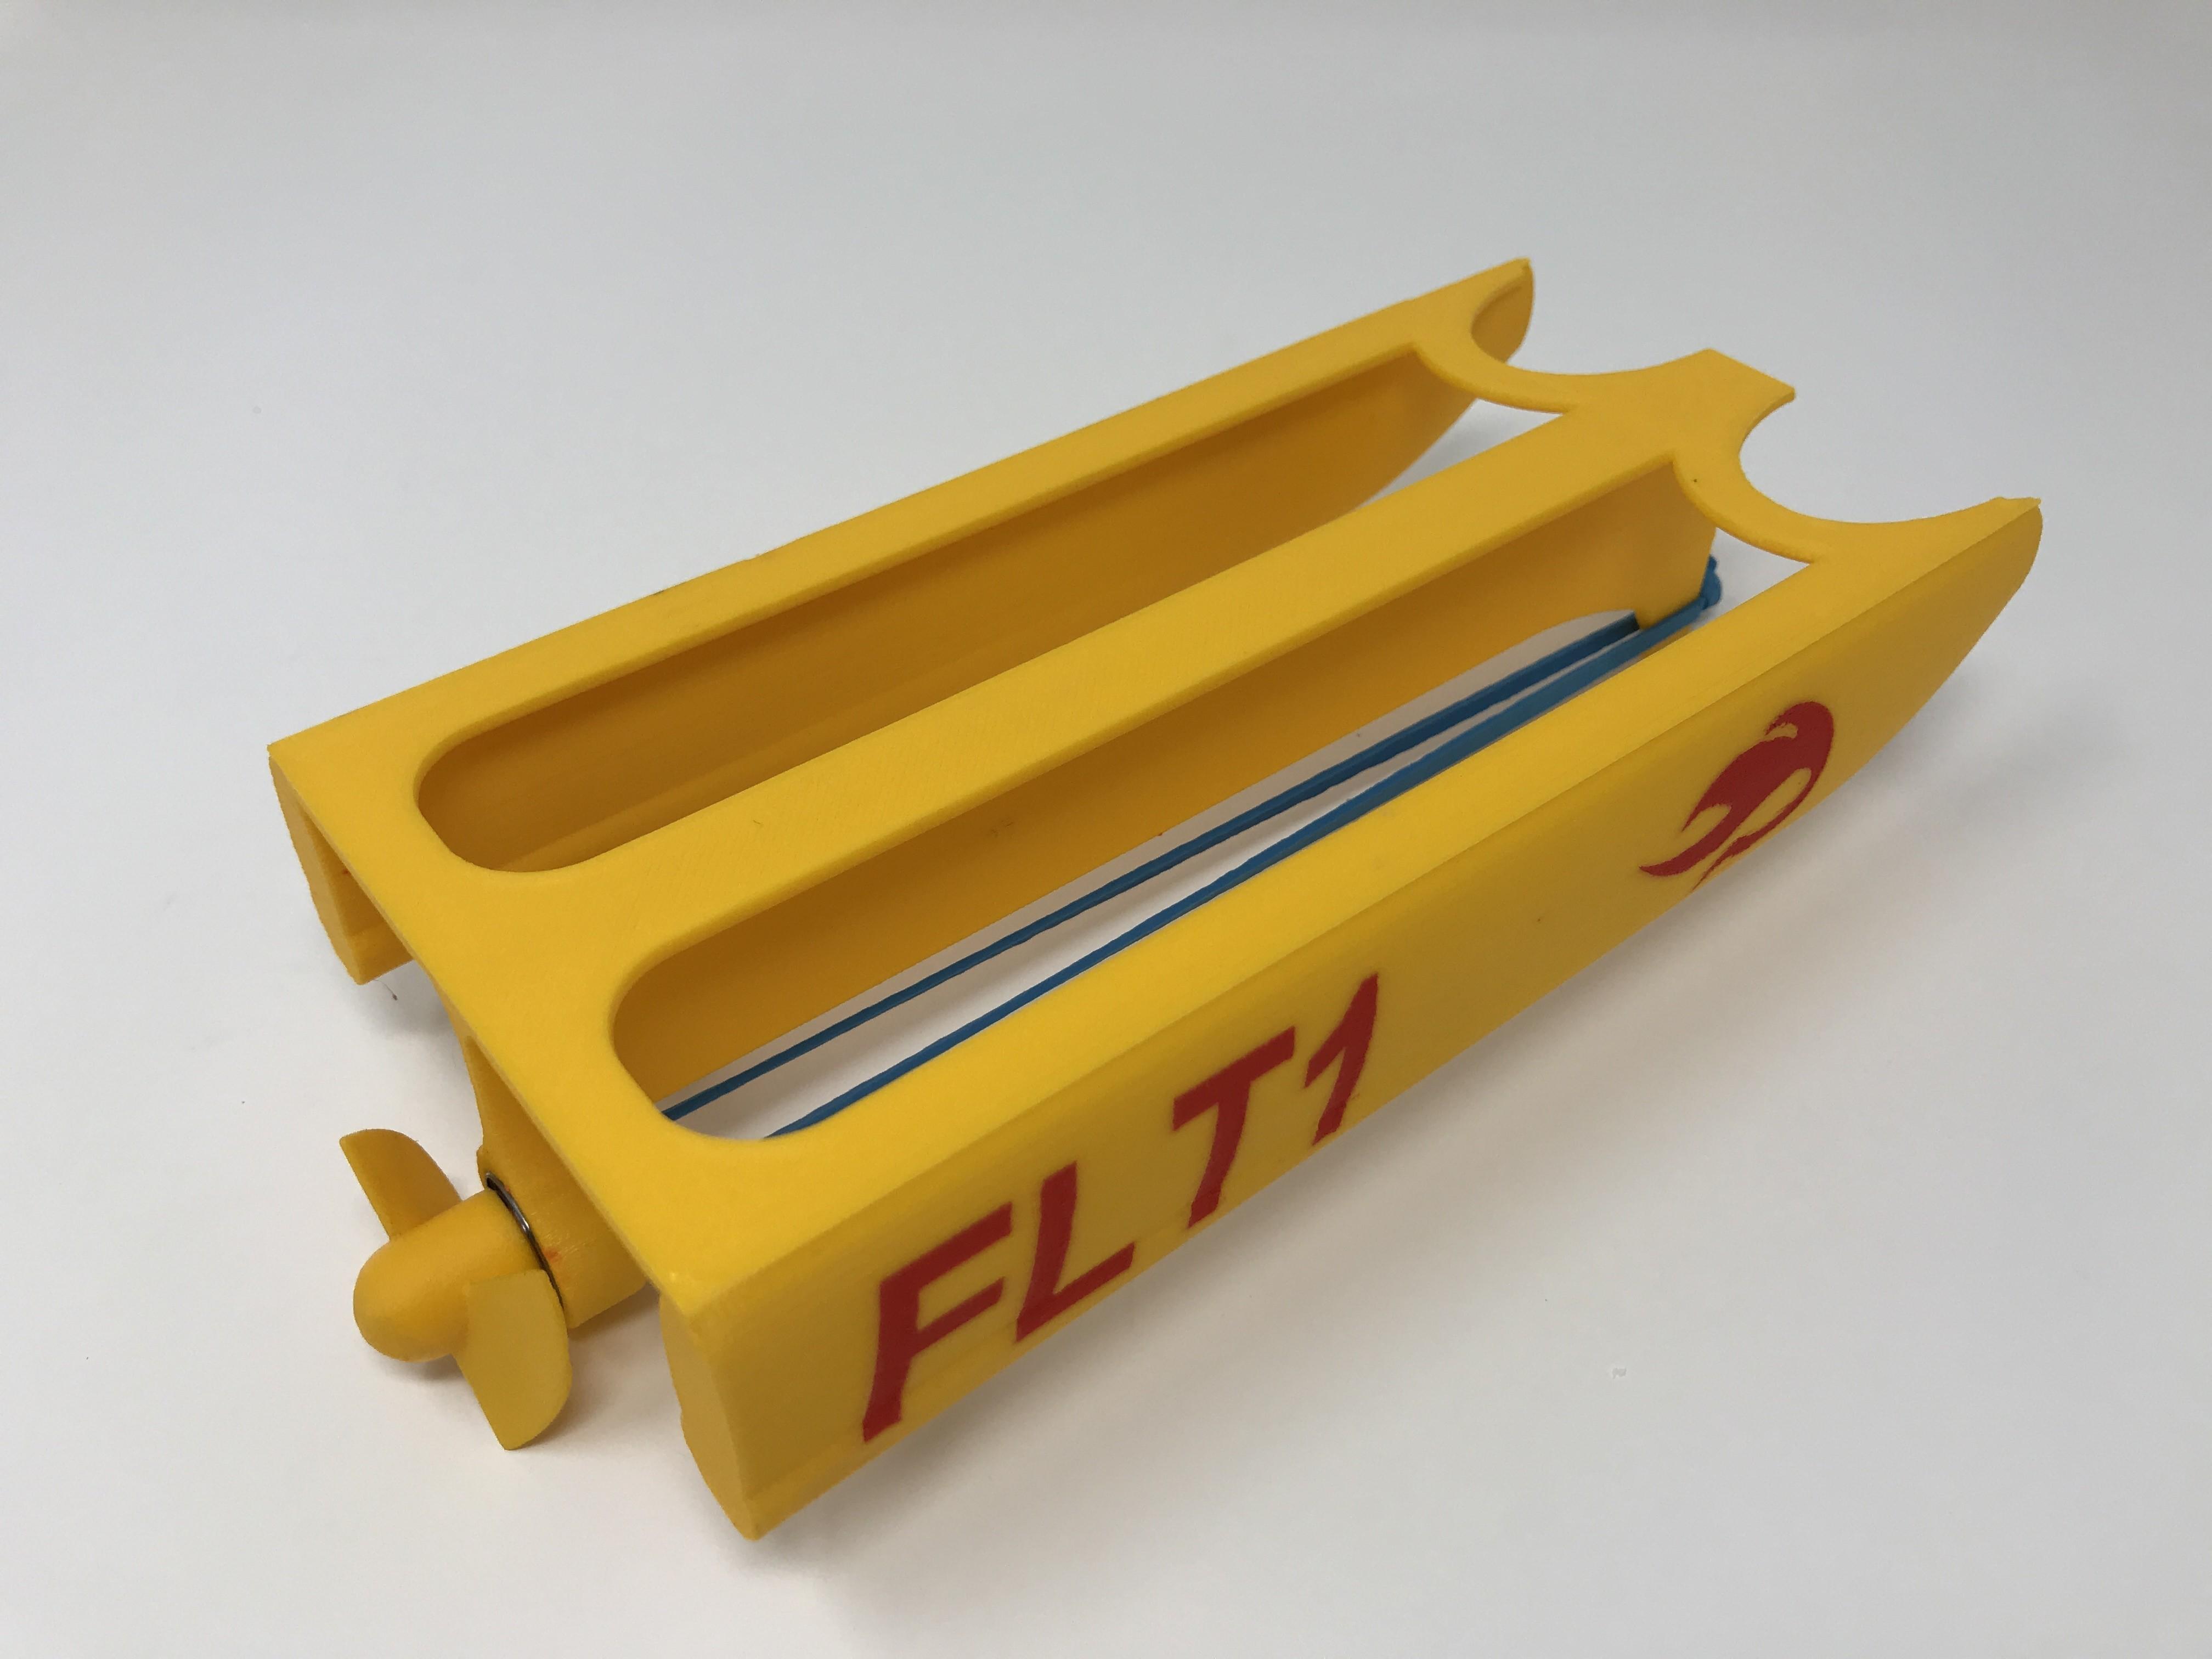 IMG_0619.jpg Download free STL file Fab Lab Tulsa 1 (FLT1) • Template to 3D print, gzumwalt